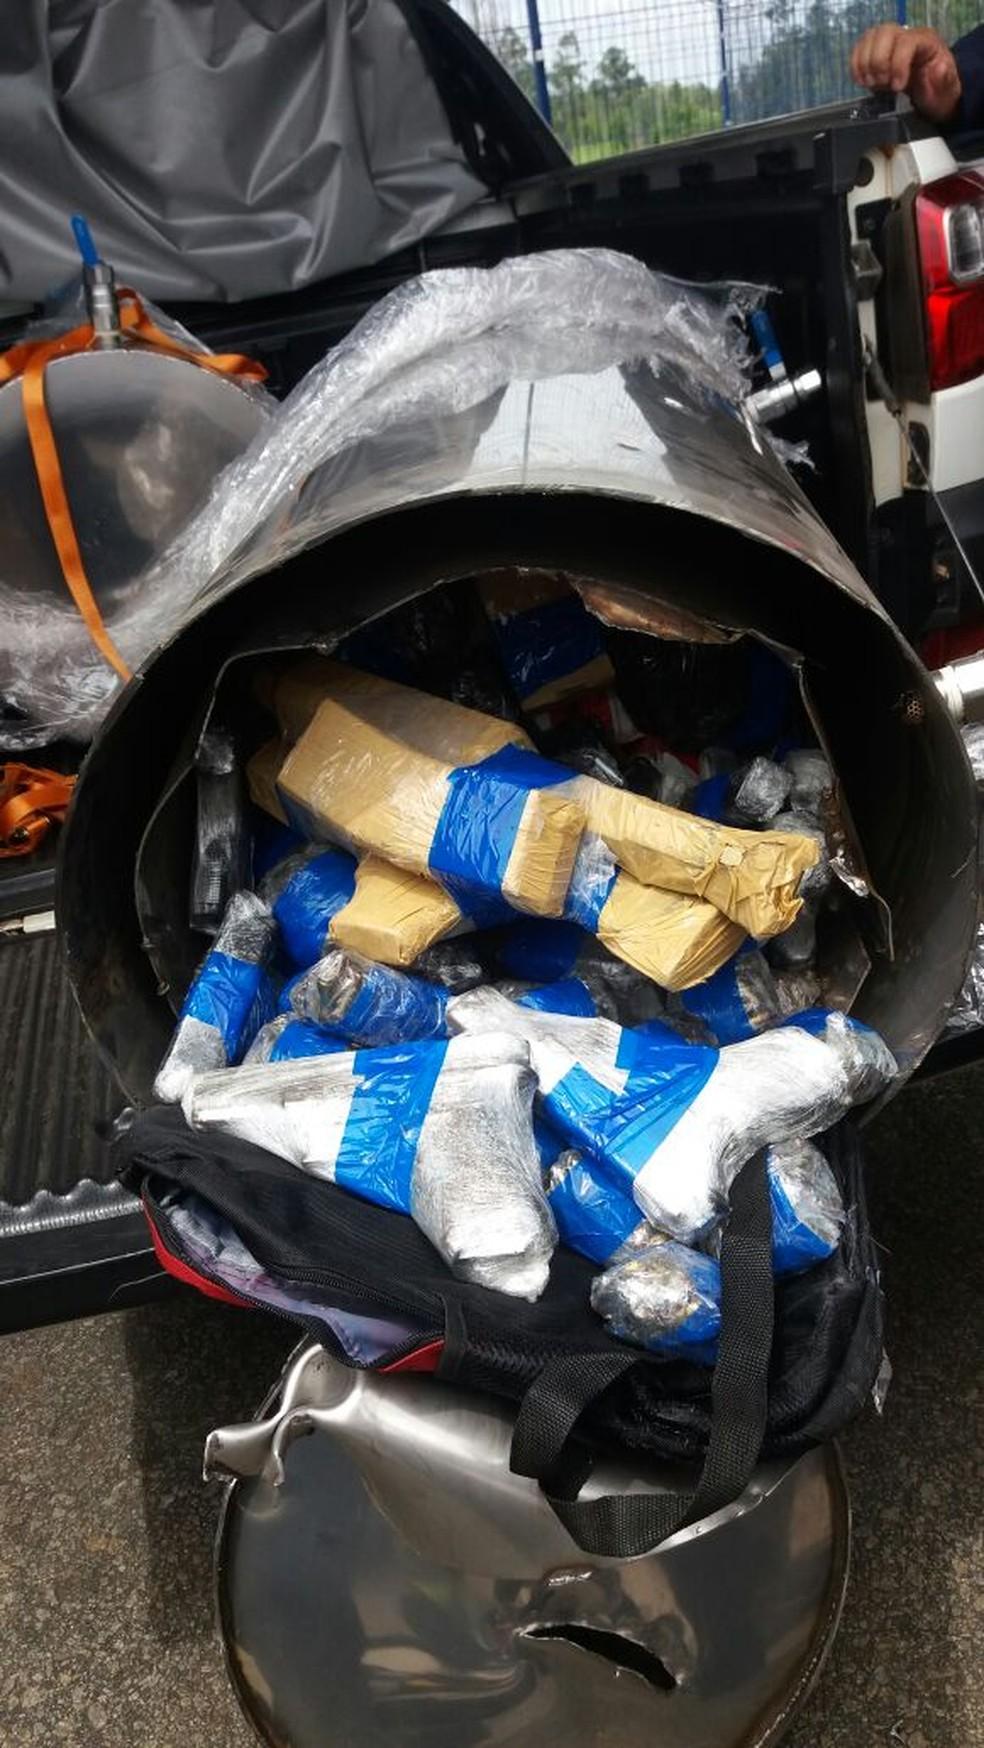 Armas e munições foram encontradas em tubos de metal (Foto: Divulgação)